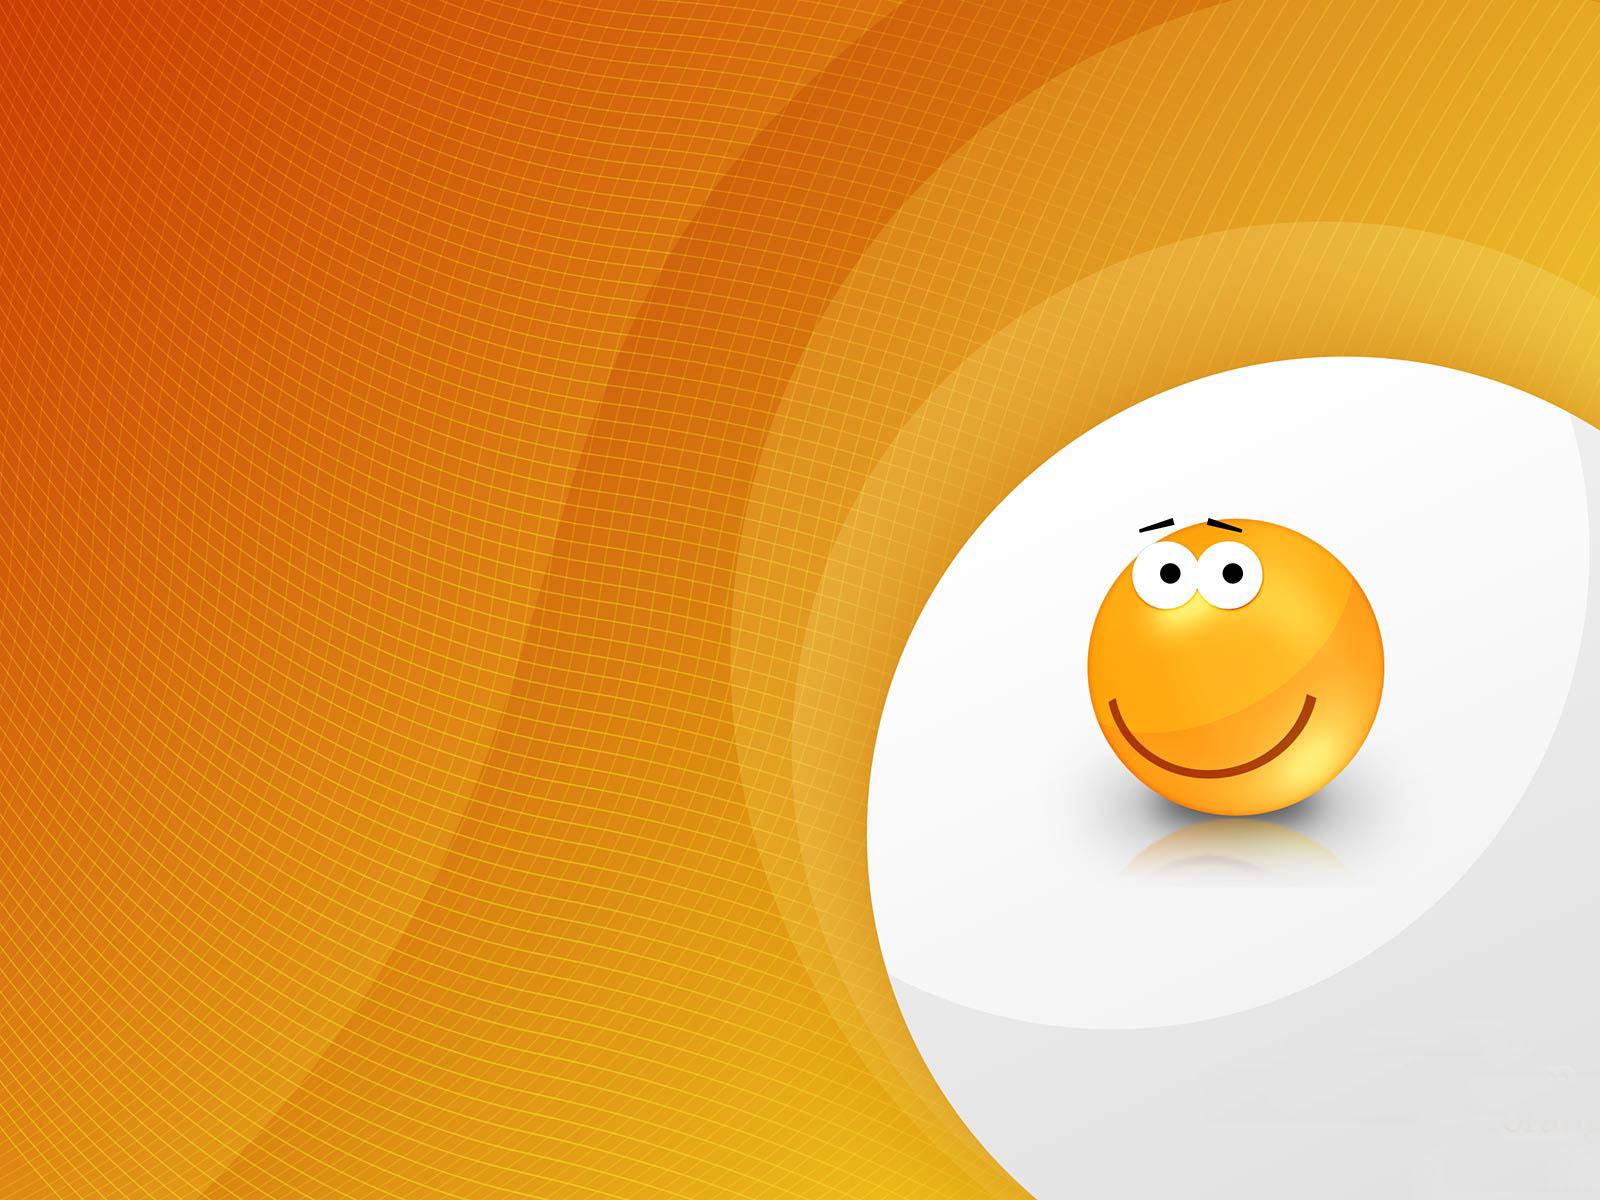 http://2.bp.blogspot.com/--SRH0m1mL4Q/TxX5SCYdTOI/AAAAAAAAAiA/Lwr_Z8FS2R4/s1600/2-Smile%2BWallpaper%2B1600x1200.jpg